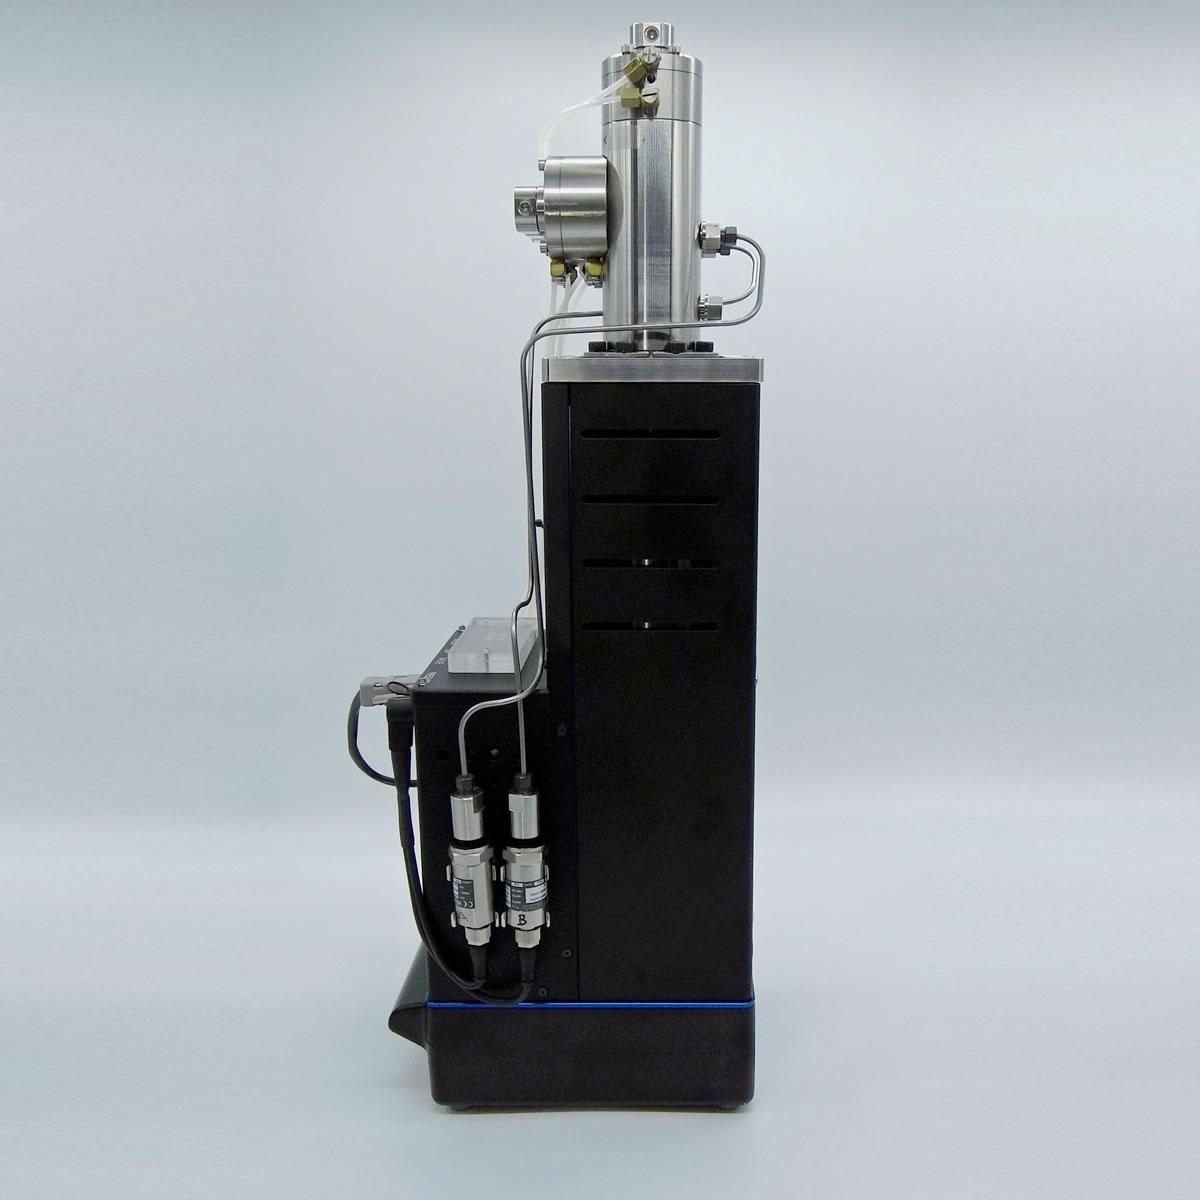 VP-Series High-Temp Metering Pump Left View